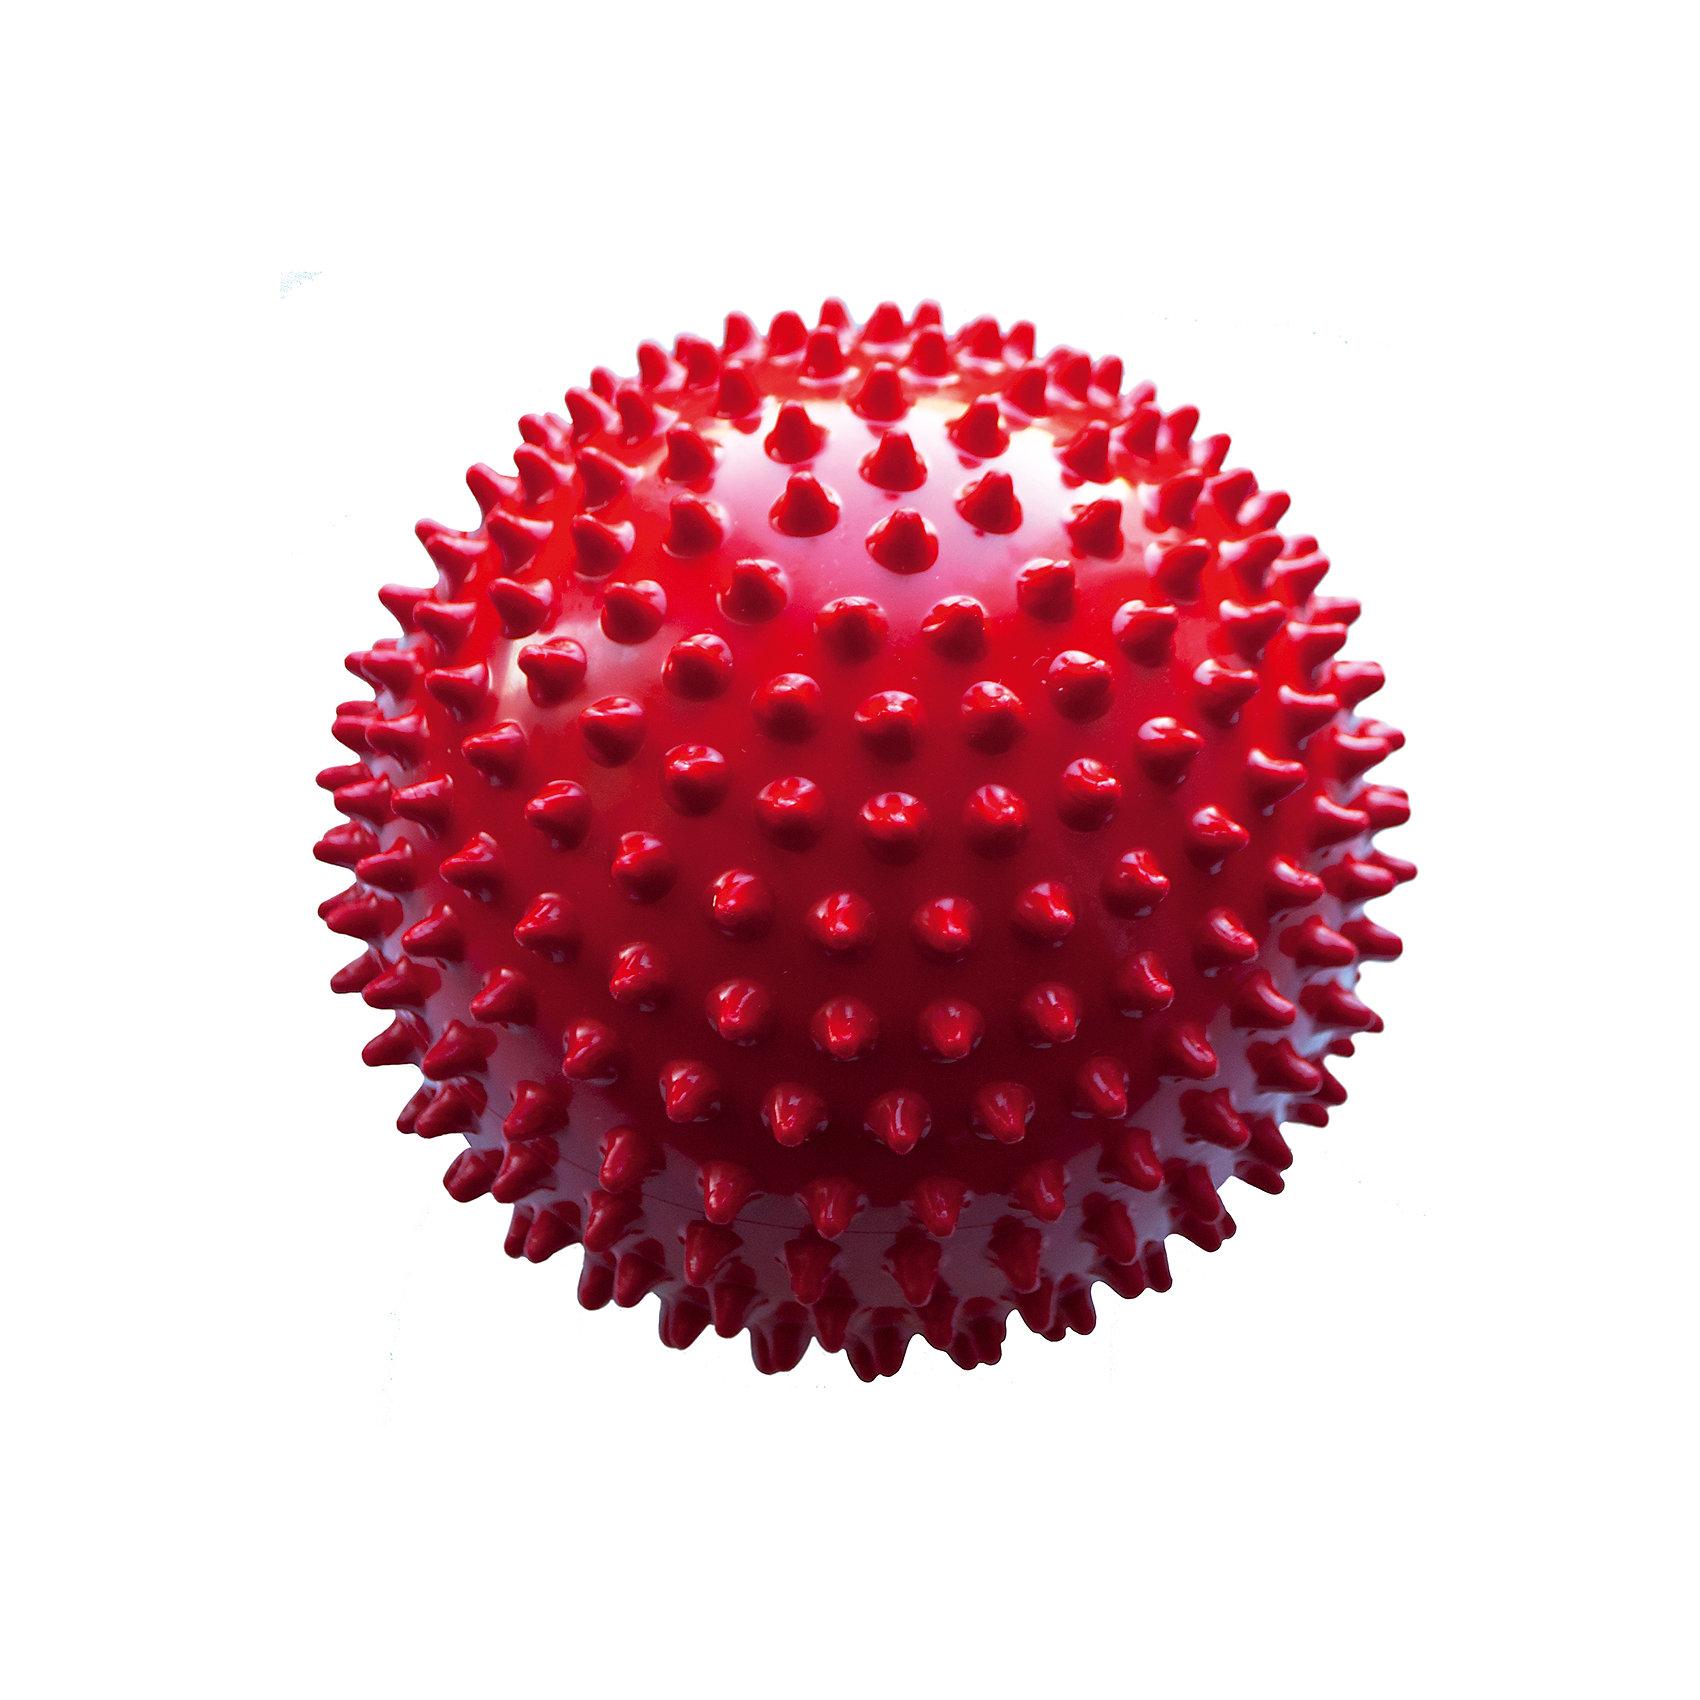 Мяч ёжик красный, 8,5 см, МалышОКМячи детские<br>Характеристики товара:<br><br>• диаметр мяча: 8,5 см;<br>• материал: ПВХ;<br>• цвет: красный;<br>• возраст: от 0 месяцев;<br>• размер упаковки: 9х9х9 см;<br>• вес: 60 грамм;<br>• страна бренда: Россия.<br><br>Яркий мяч ёжик подойдет для игр, развития и купания малыша.<br><br>Занятия благотворно влияют на развитие центральной нервной системы, мускулатуры, а также уменьшают венозный застой и улучшают капиллярный кровоток. Игра способствует развитию тактильных навыков, цветового восприятия, координации движений и мелкой моторики.<br><br>Мяч изготовлен из гипоаллергенного материала.<br><br>Мяч ёжик красный, 8,5 см, МалышОК можно купить в нашем интернет-магазине.<br><br>Ширина мм: 90<br>Глубина мм: 90<br>Высота мм: 90<br>Вес г: 60<br>Возраст от месяцев: 6<br>Возраст до месяцев: 2147483647<br>Пол: Унисекс<br>Возраст: Детский<br>SKU: 6894016